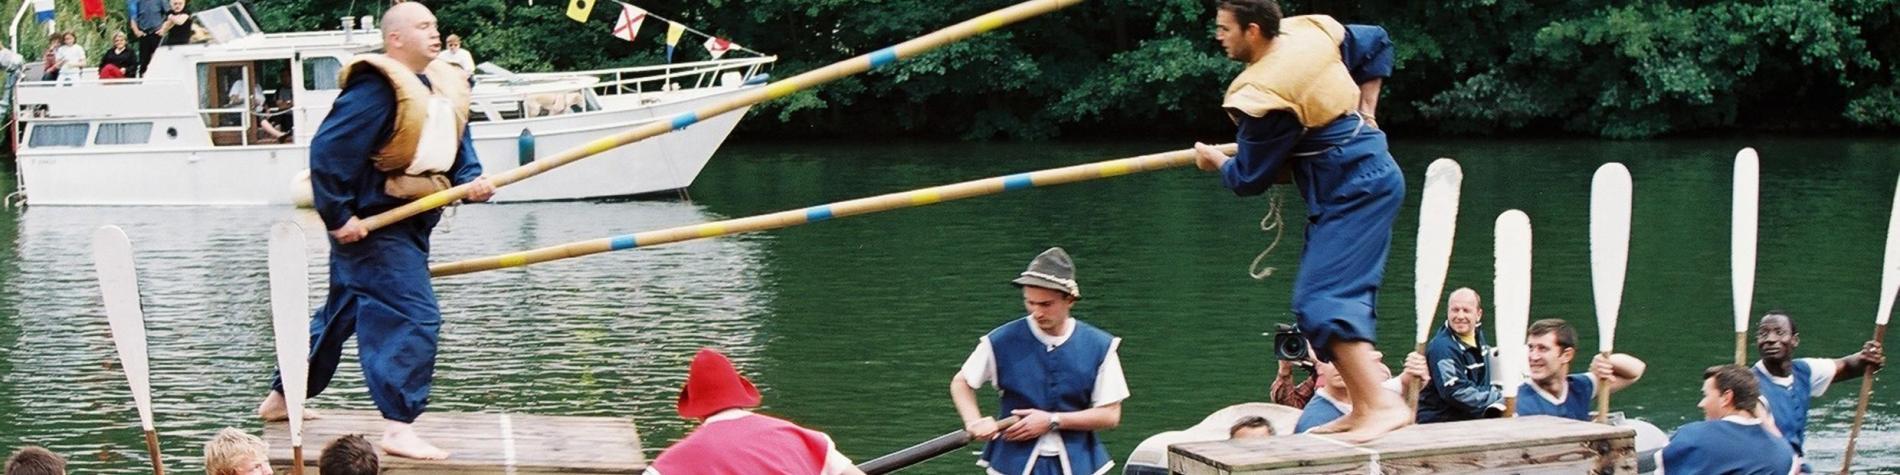 Joutes nautiques - Fêtes du Buley - La Plante - Namur